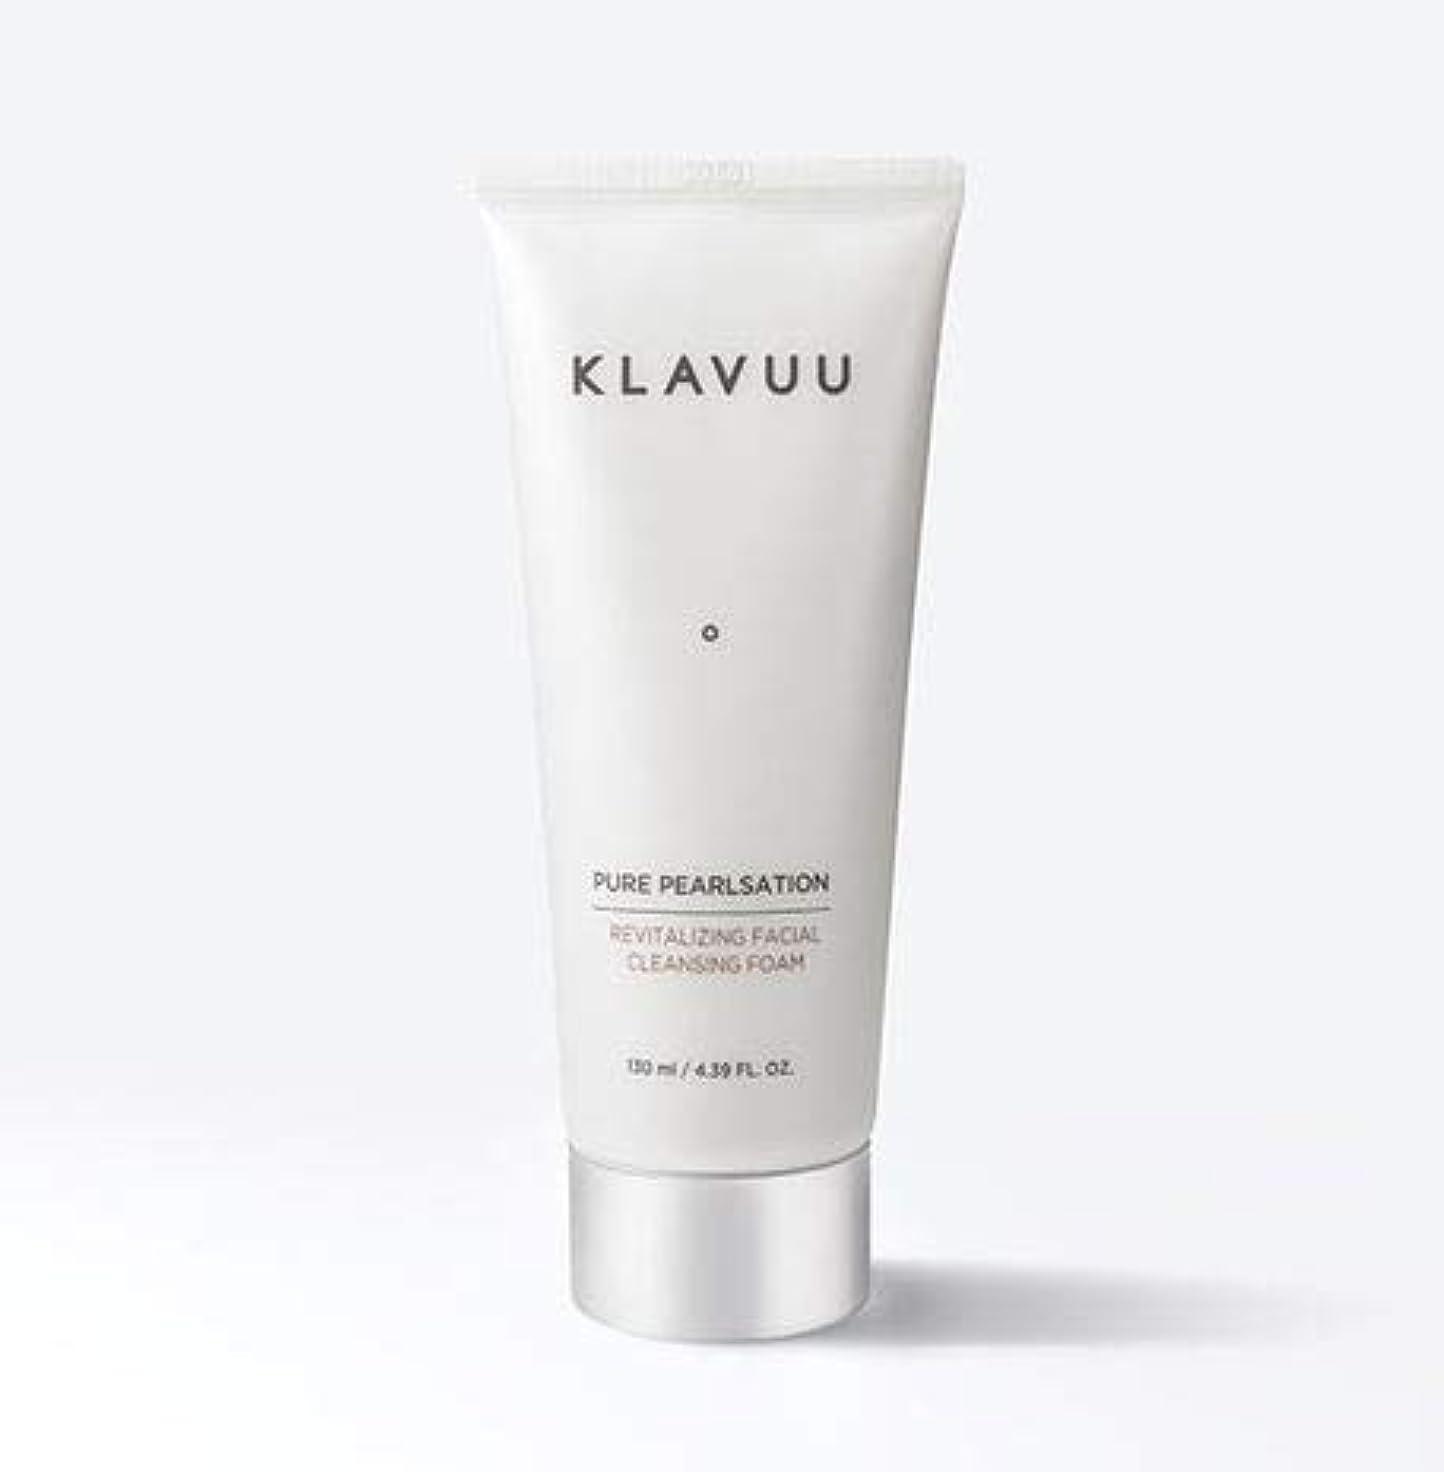 頭痛反響する構築する[ Klavuu ] PURE PEARLSATION Revitalizing Facial Cleansing Foam /[クラビュー ] ピュア パールセ―ション リバイタライジング フェイシャル クレンジング...